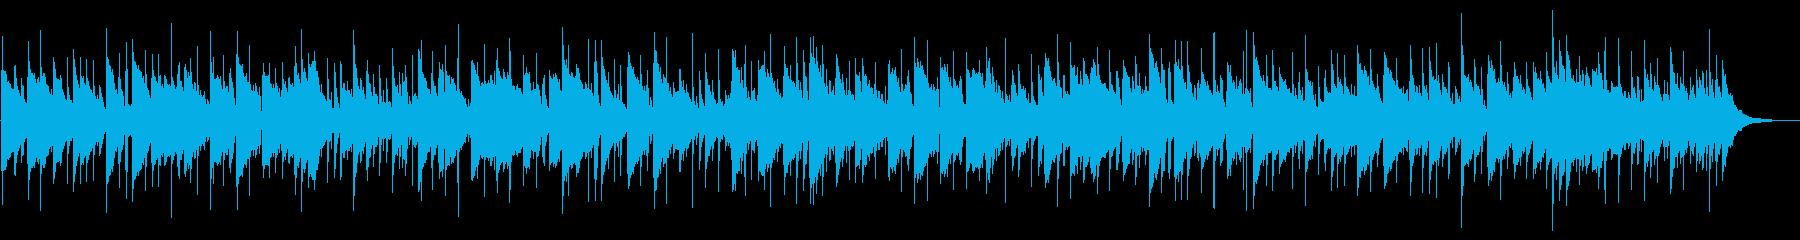 スローなカントリーバラードの再生済みの波形